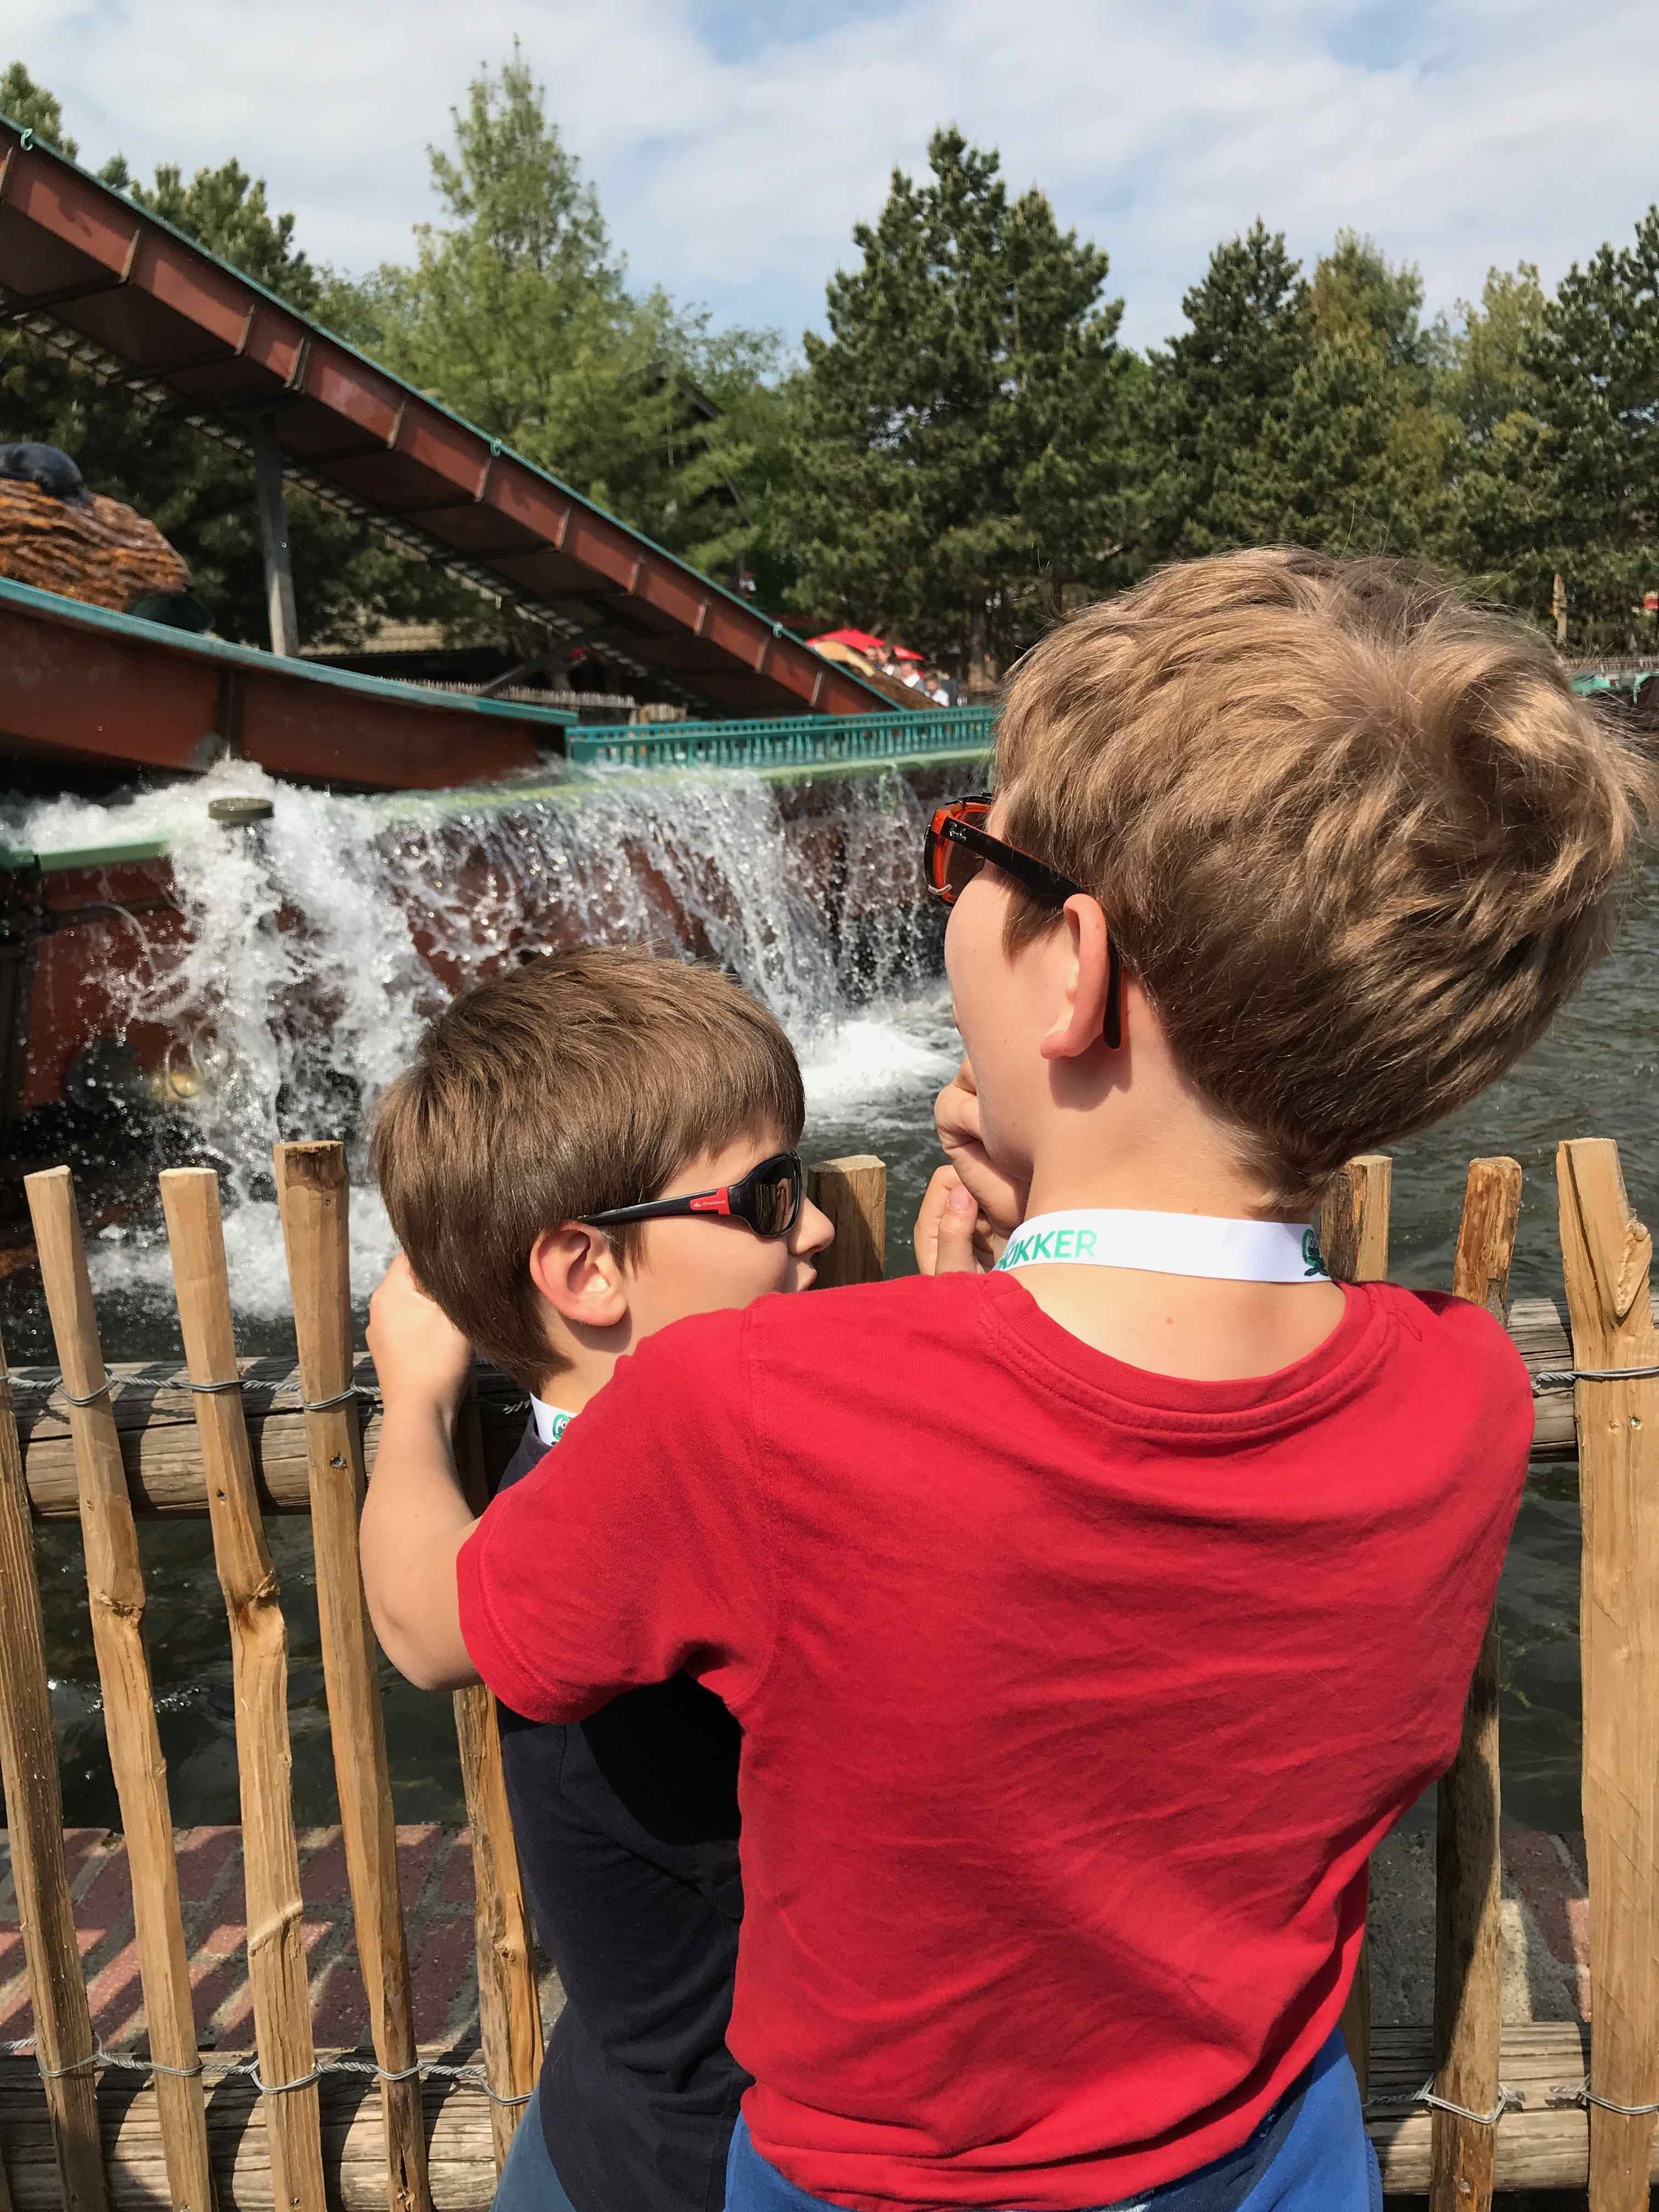 stichting opkikker attractiepark slagharen